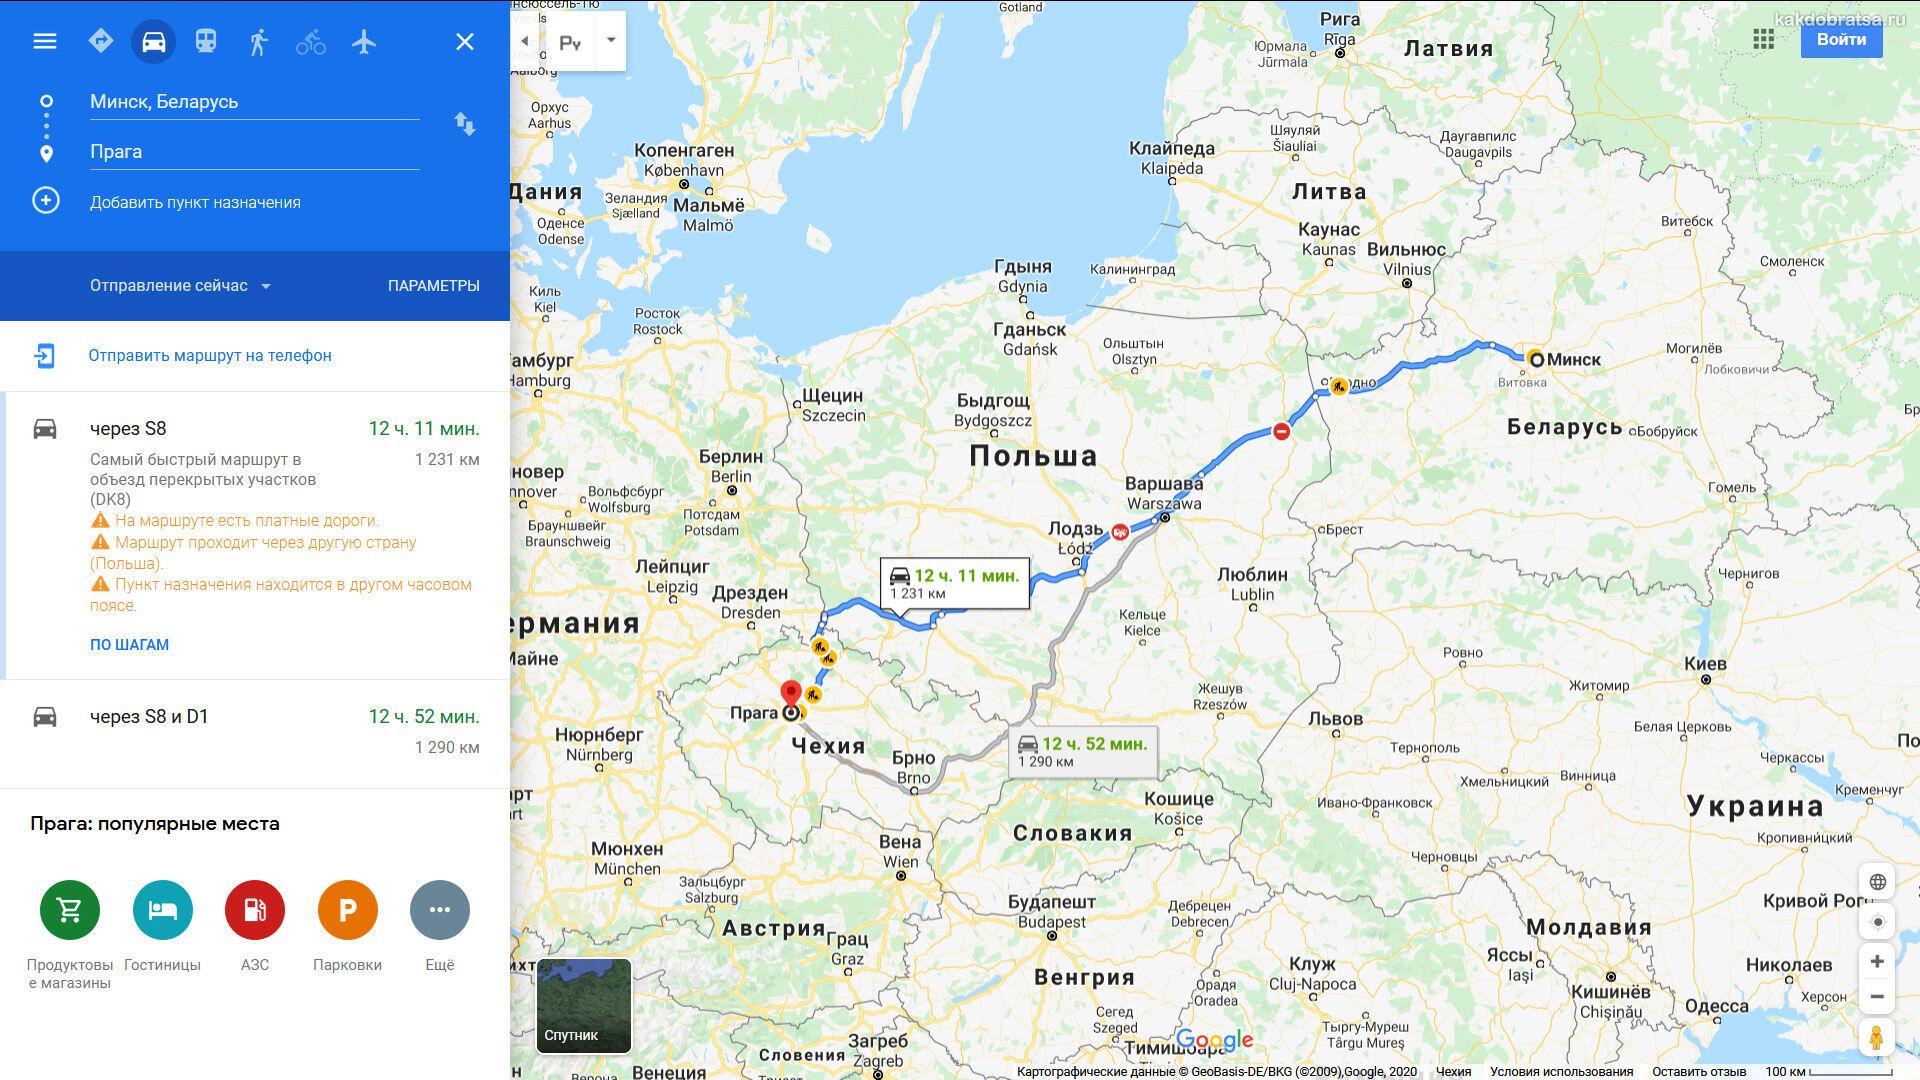 Из Минска до Праги карта, расстояние и маршрут